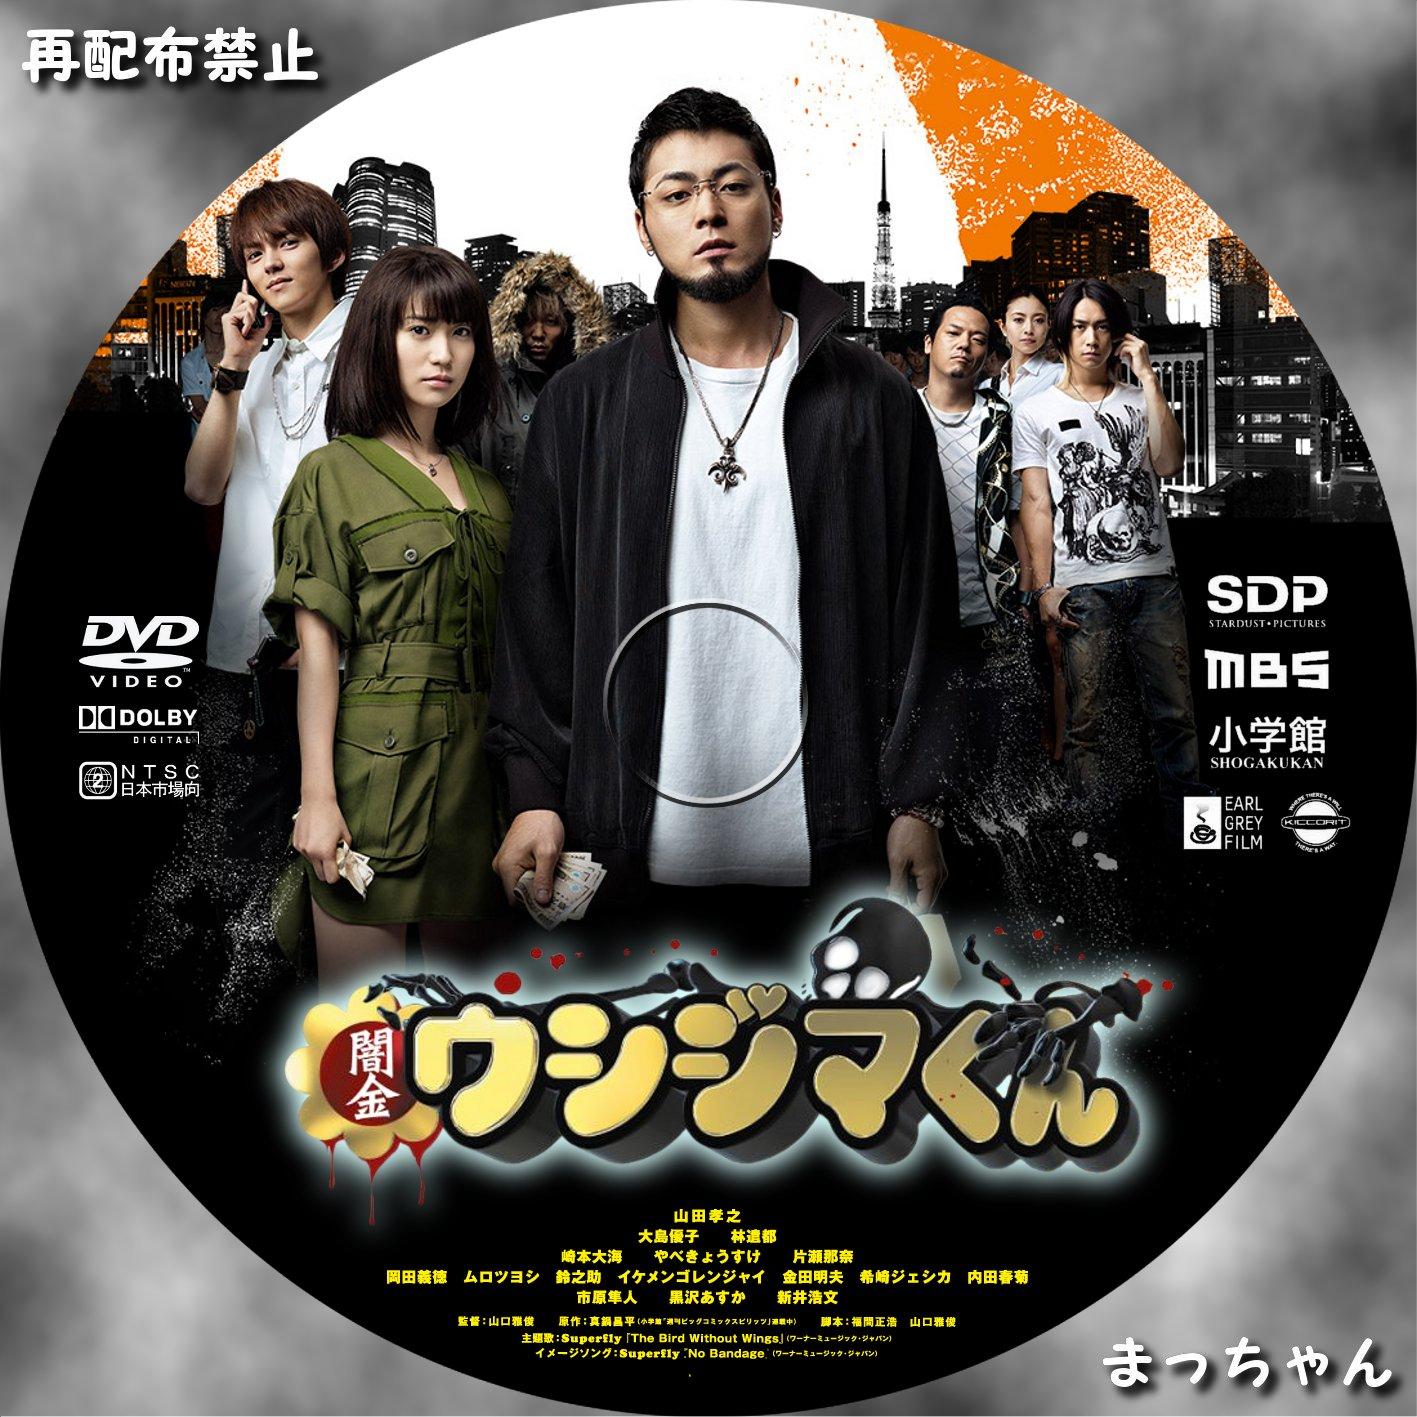 闇金ウシジマくん まっちゃんの☆自作DVDラベル☆ : テレビ放送 ...